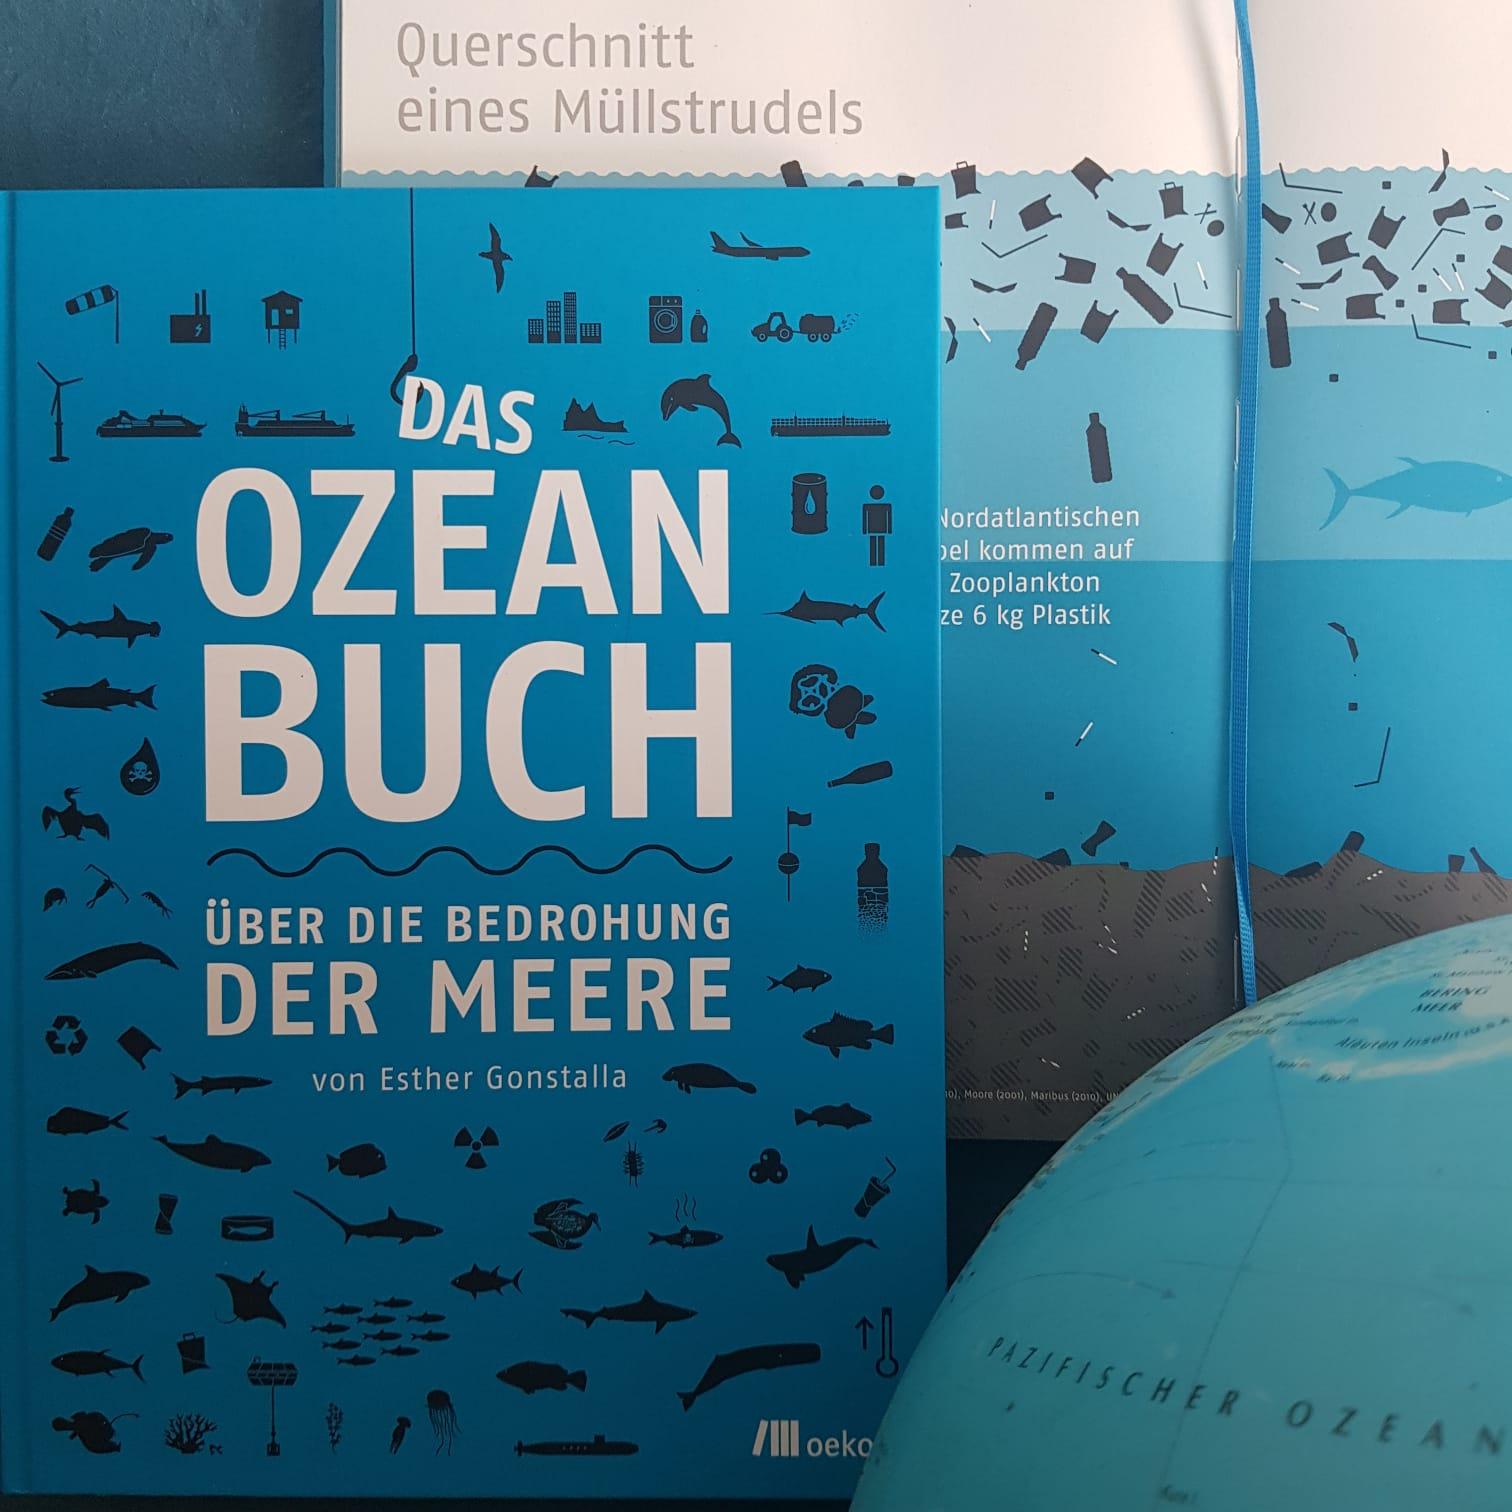 Das Ozeanbuch - Über die Bedrohung der Meere